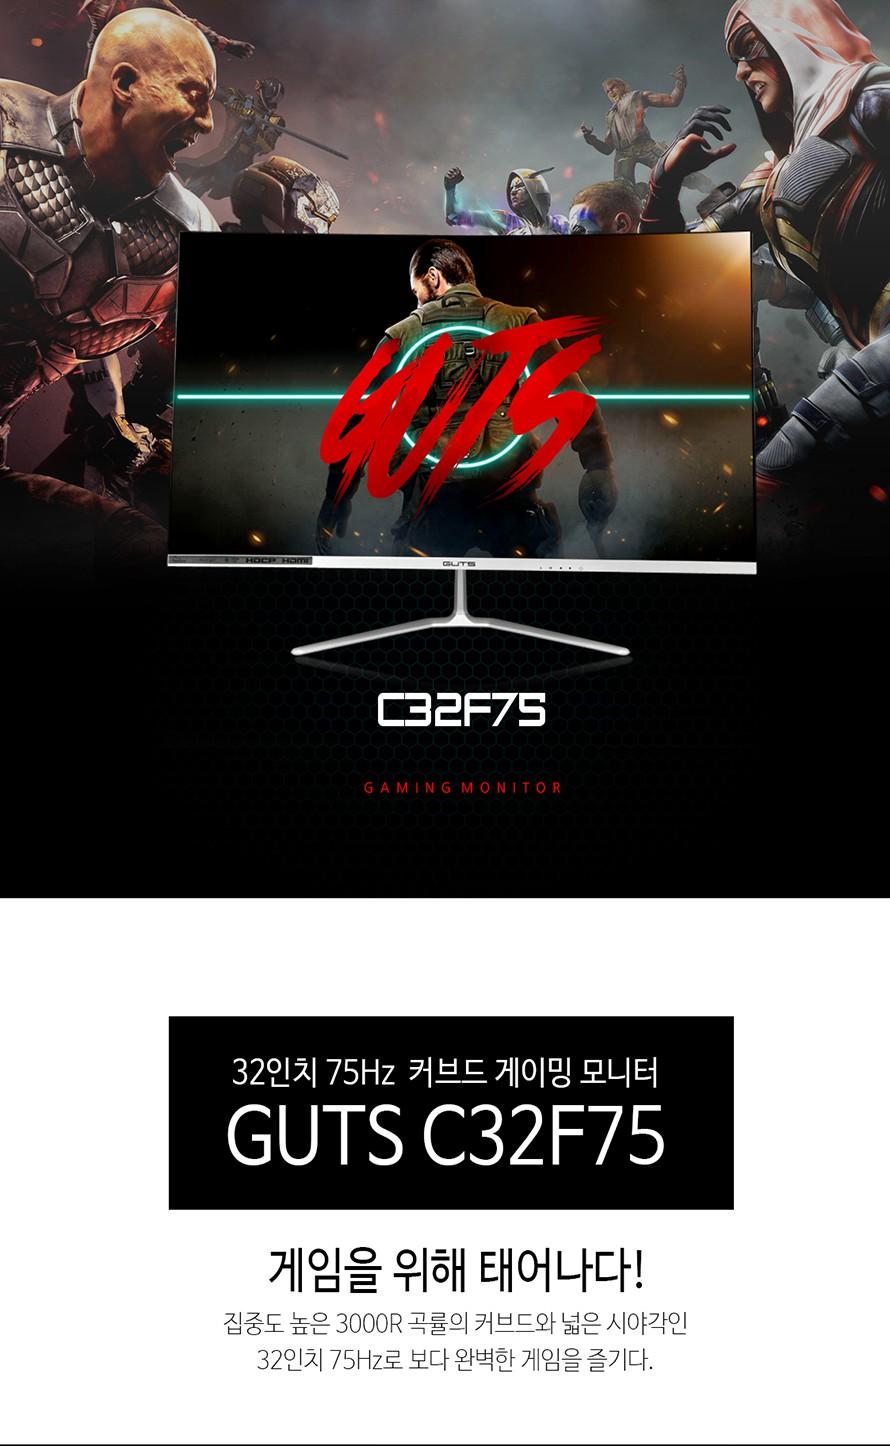 몬스타 가츠 C32F75 게이밍